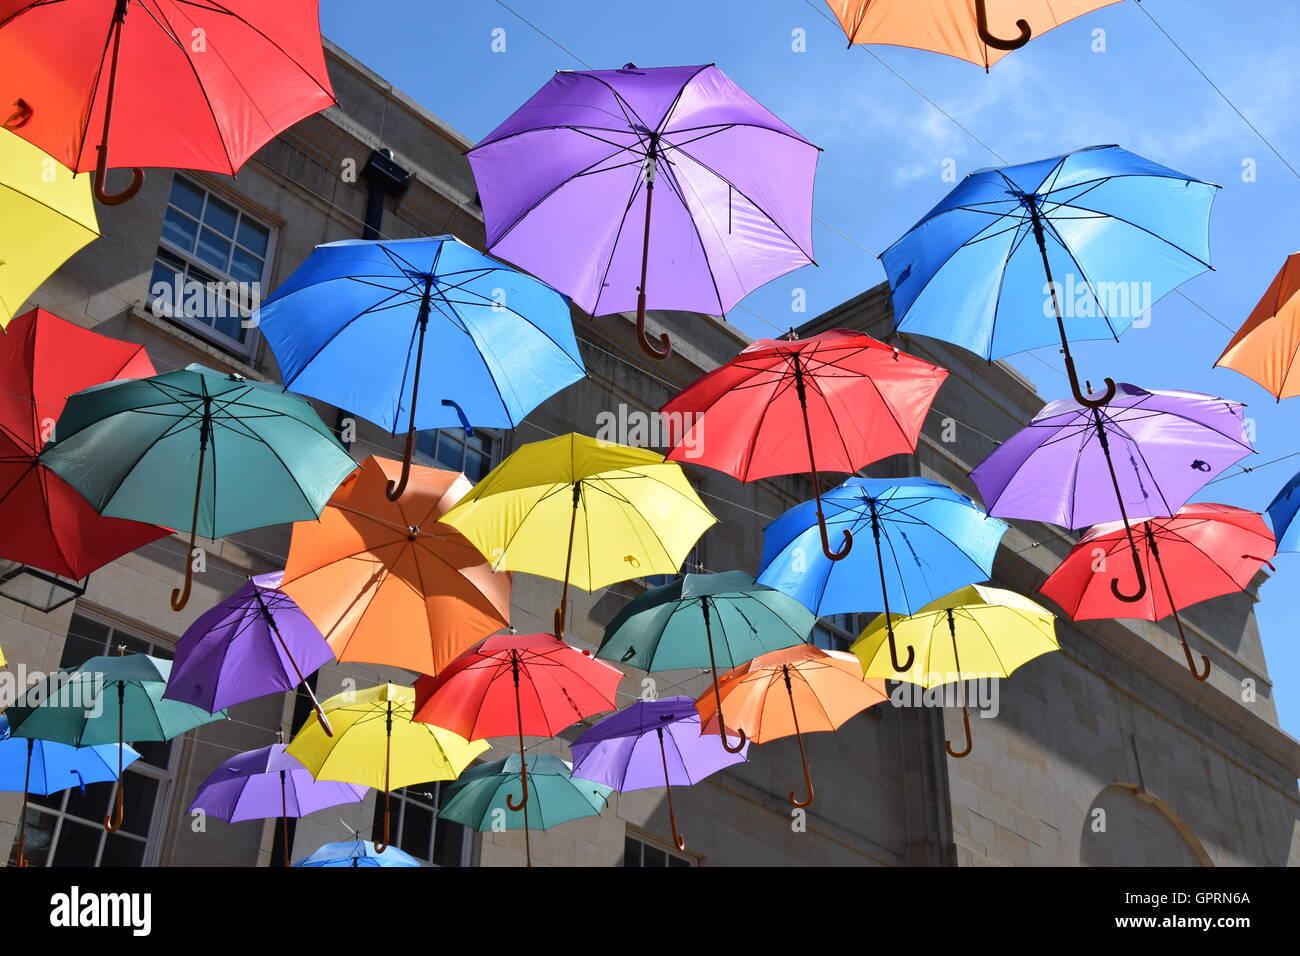 Bunte Schirme gegen blauen Himmel über einer Straße Stockbild